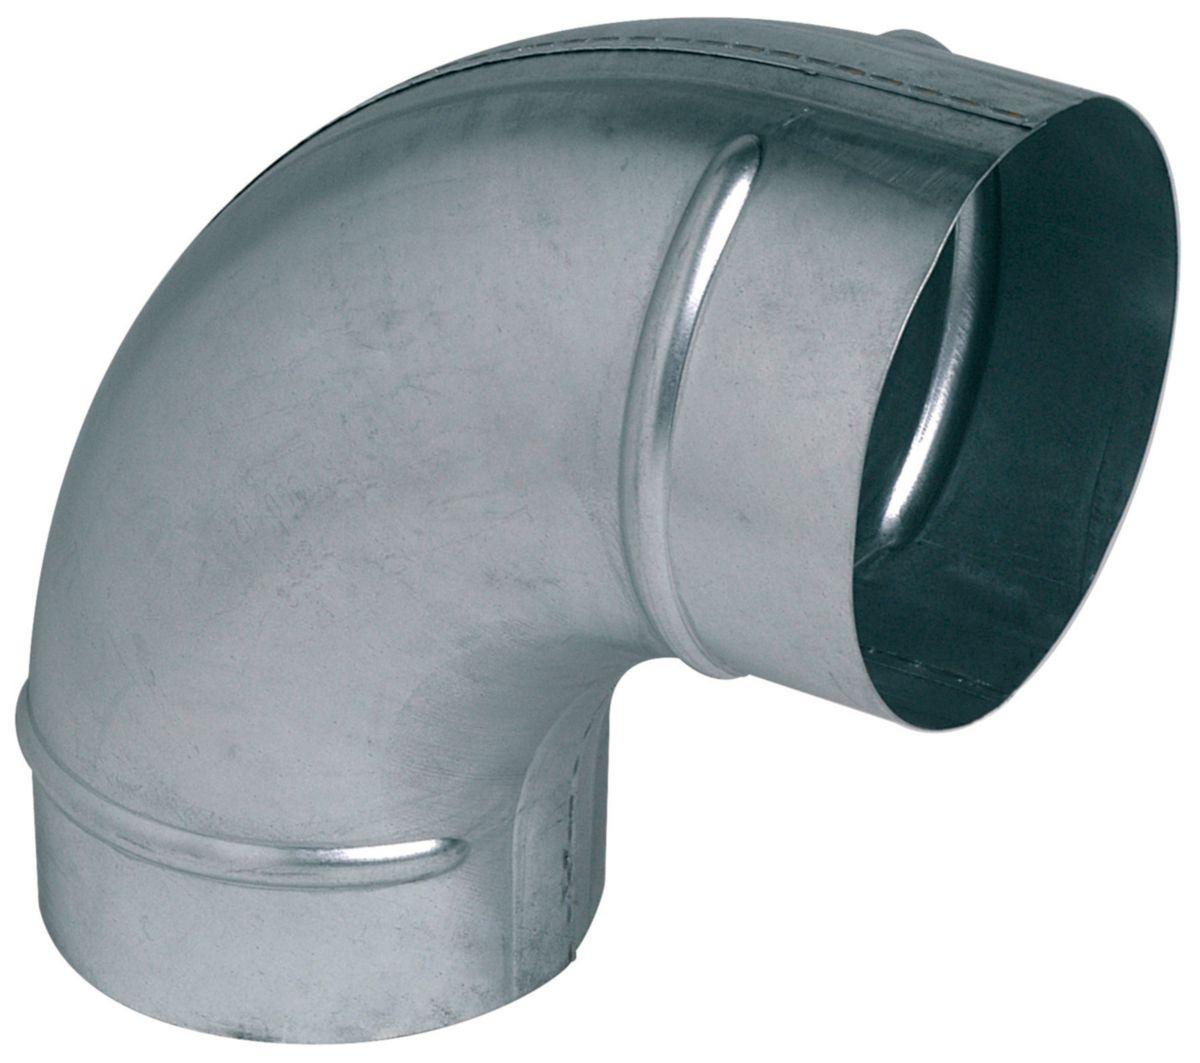 Coude 90 degrés galva diamètre 315mm Réf. C90D0315